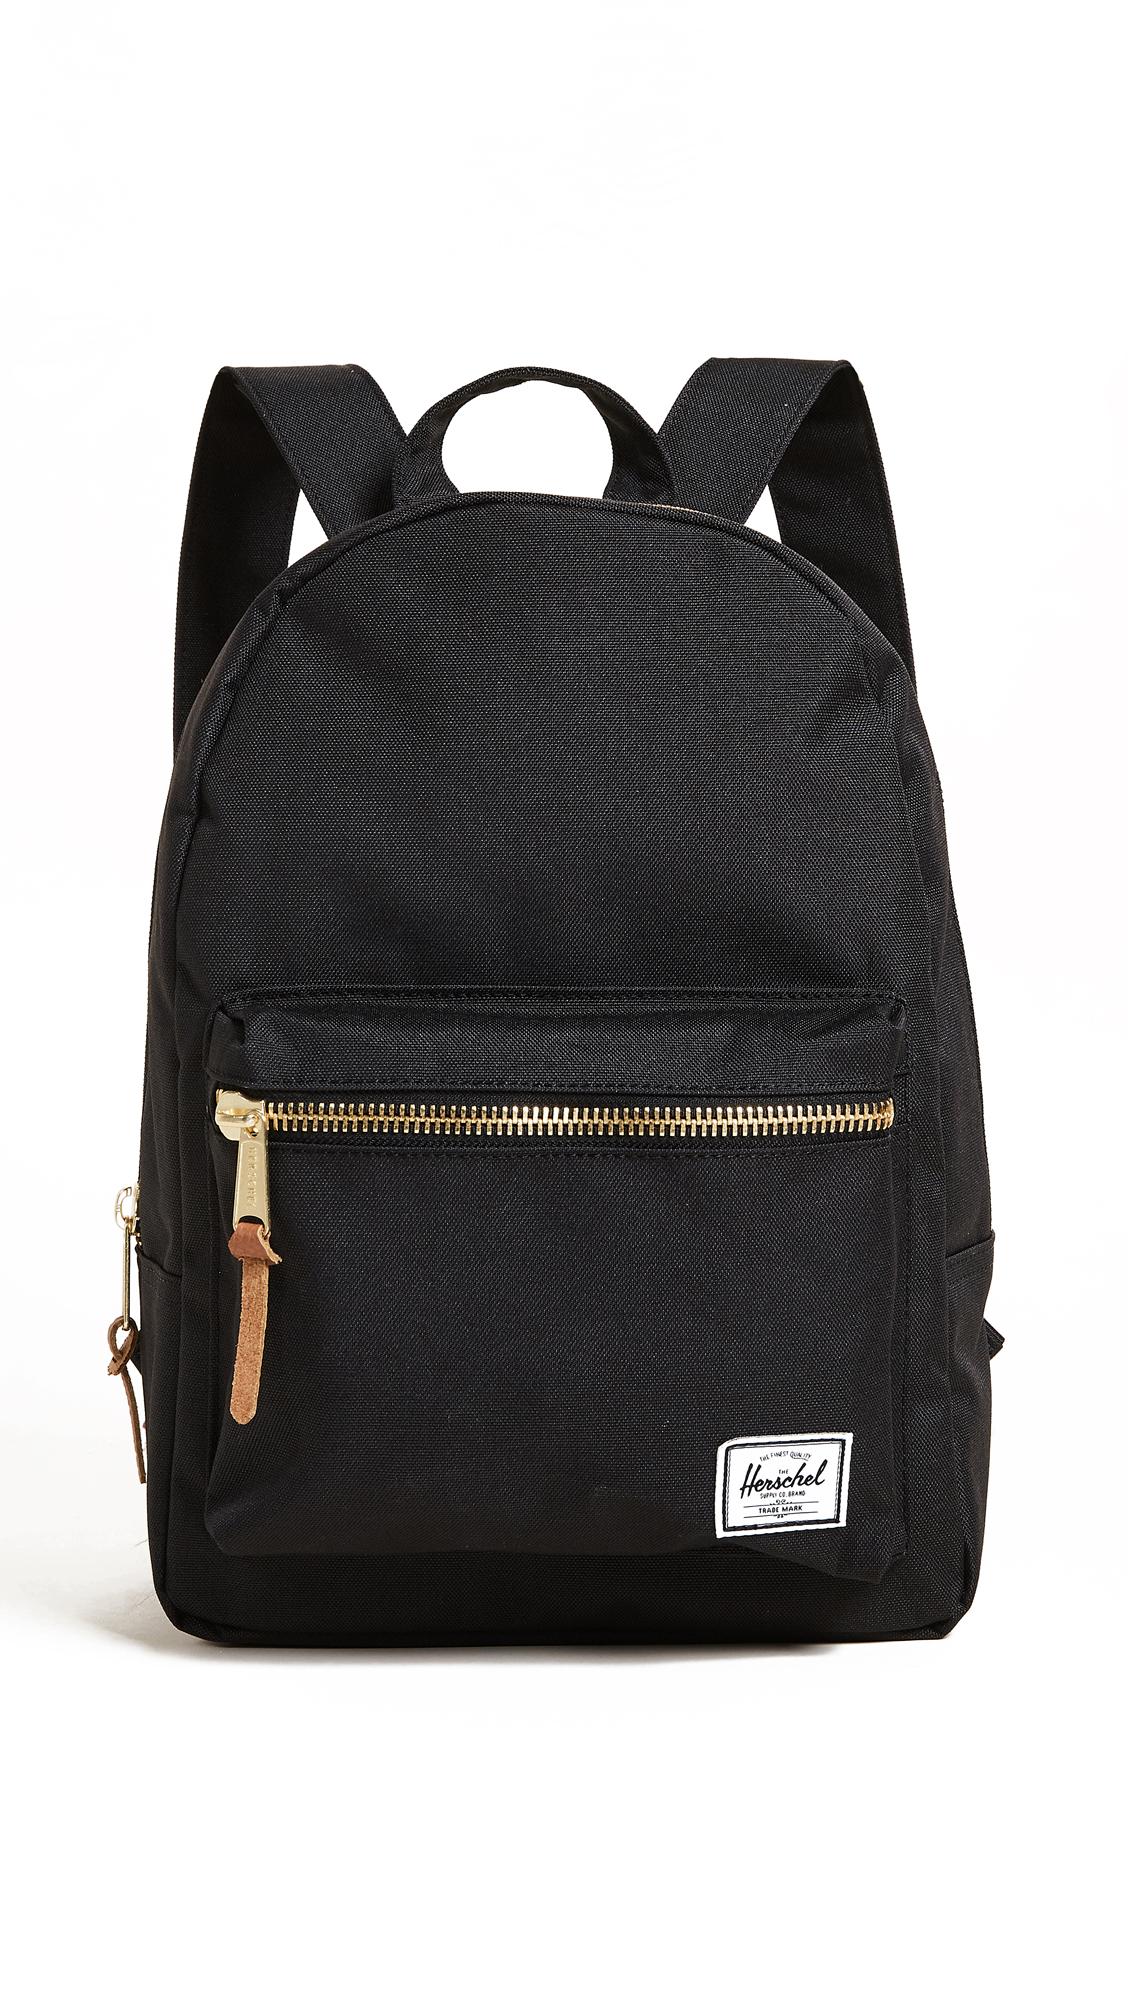 Herschel Supply Co. Grove XS Backpack - Black